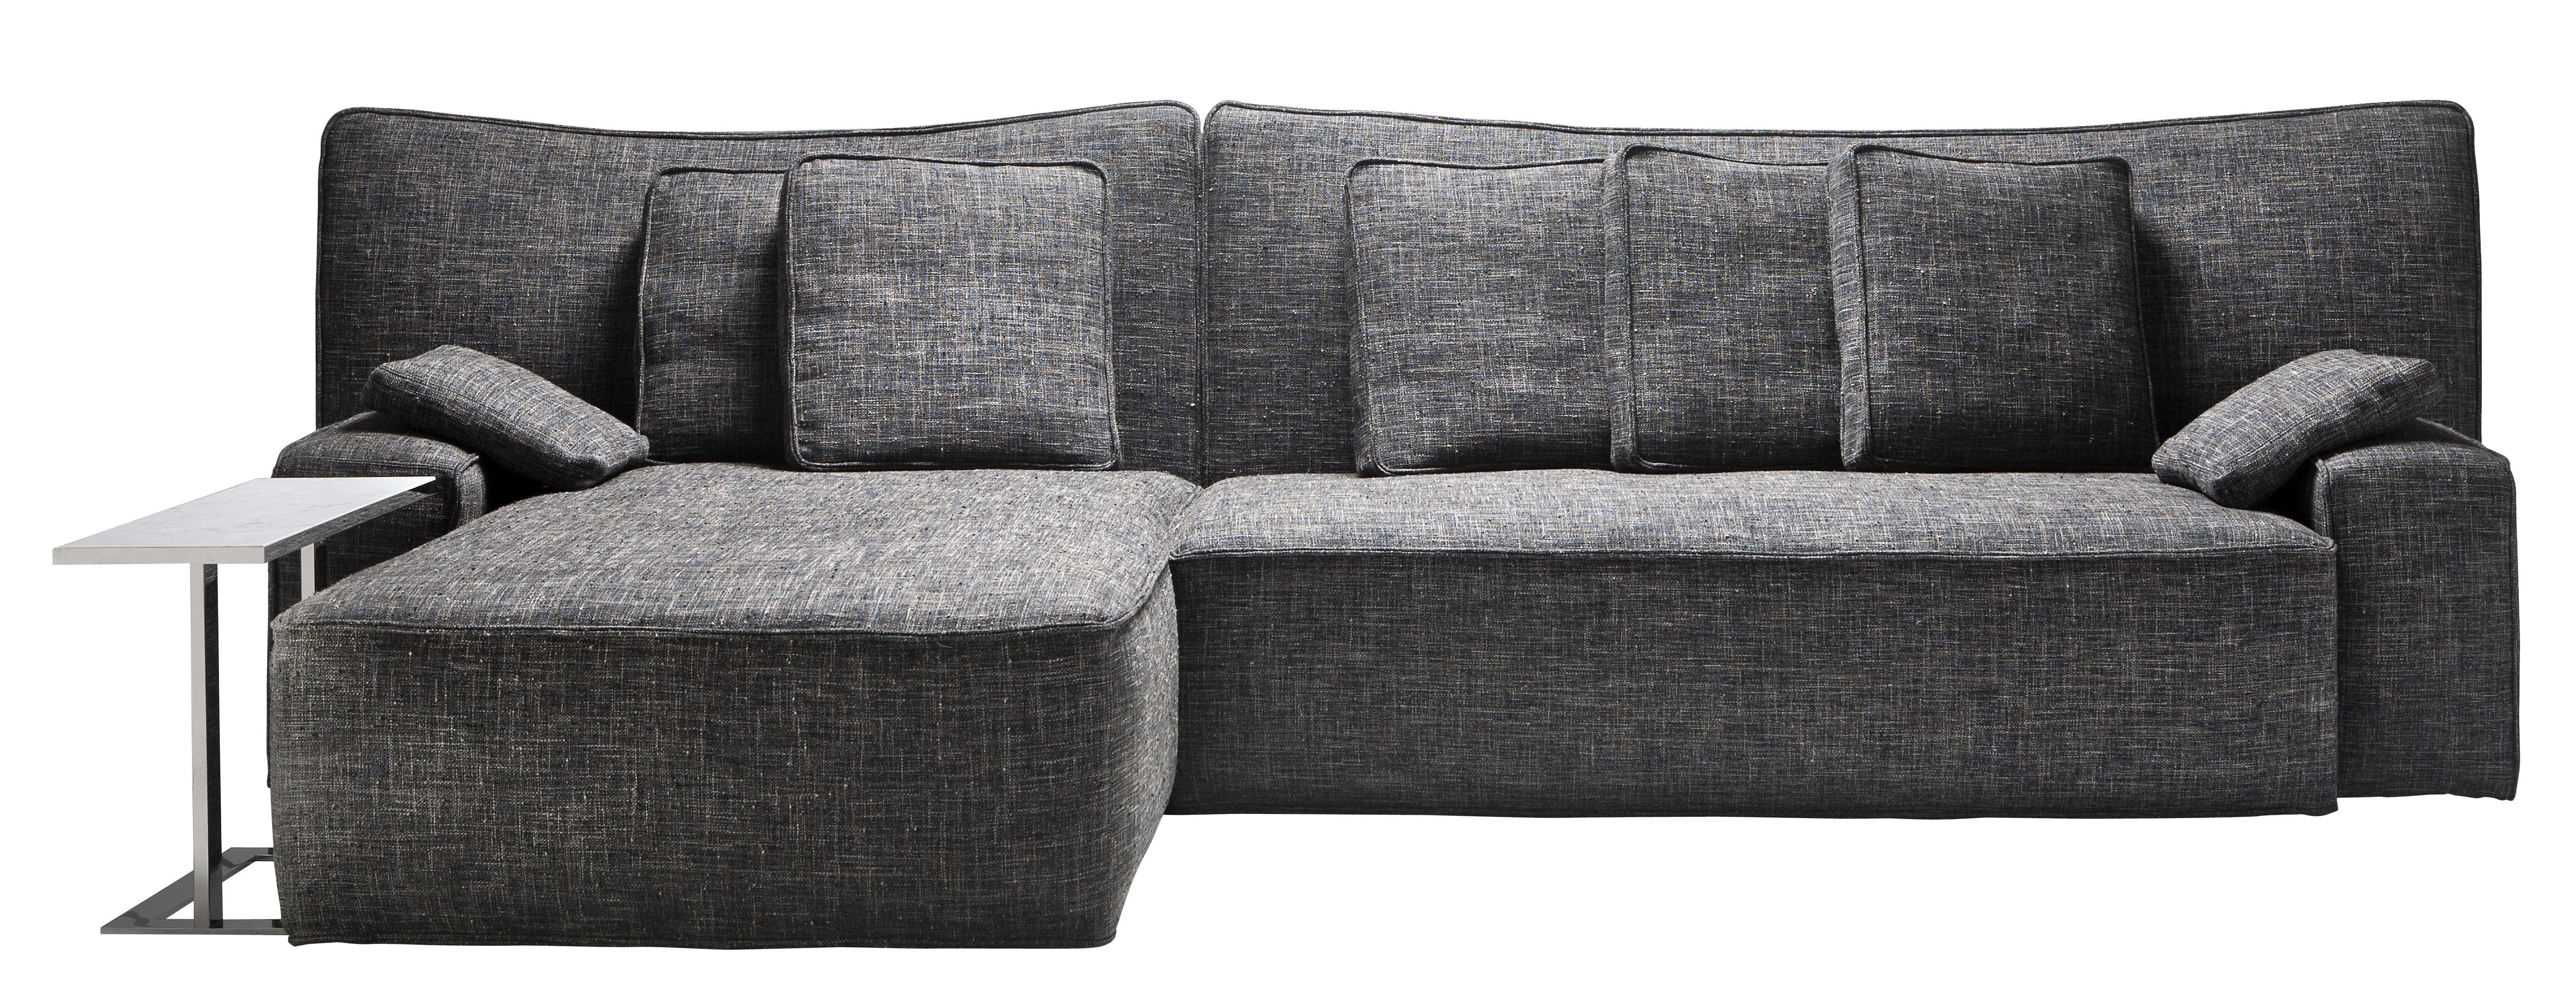 Mobilier - Canapés - Canapé d'angle Wow Sofa / L 339 x P 190 cm - Driade - Marron gris - Bois, Mousse de polyuréthane, Tissu